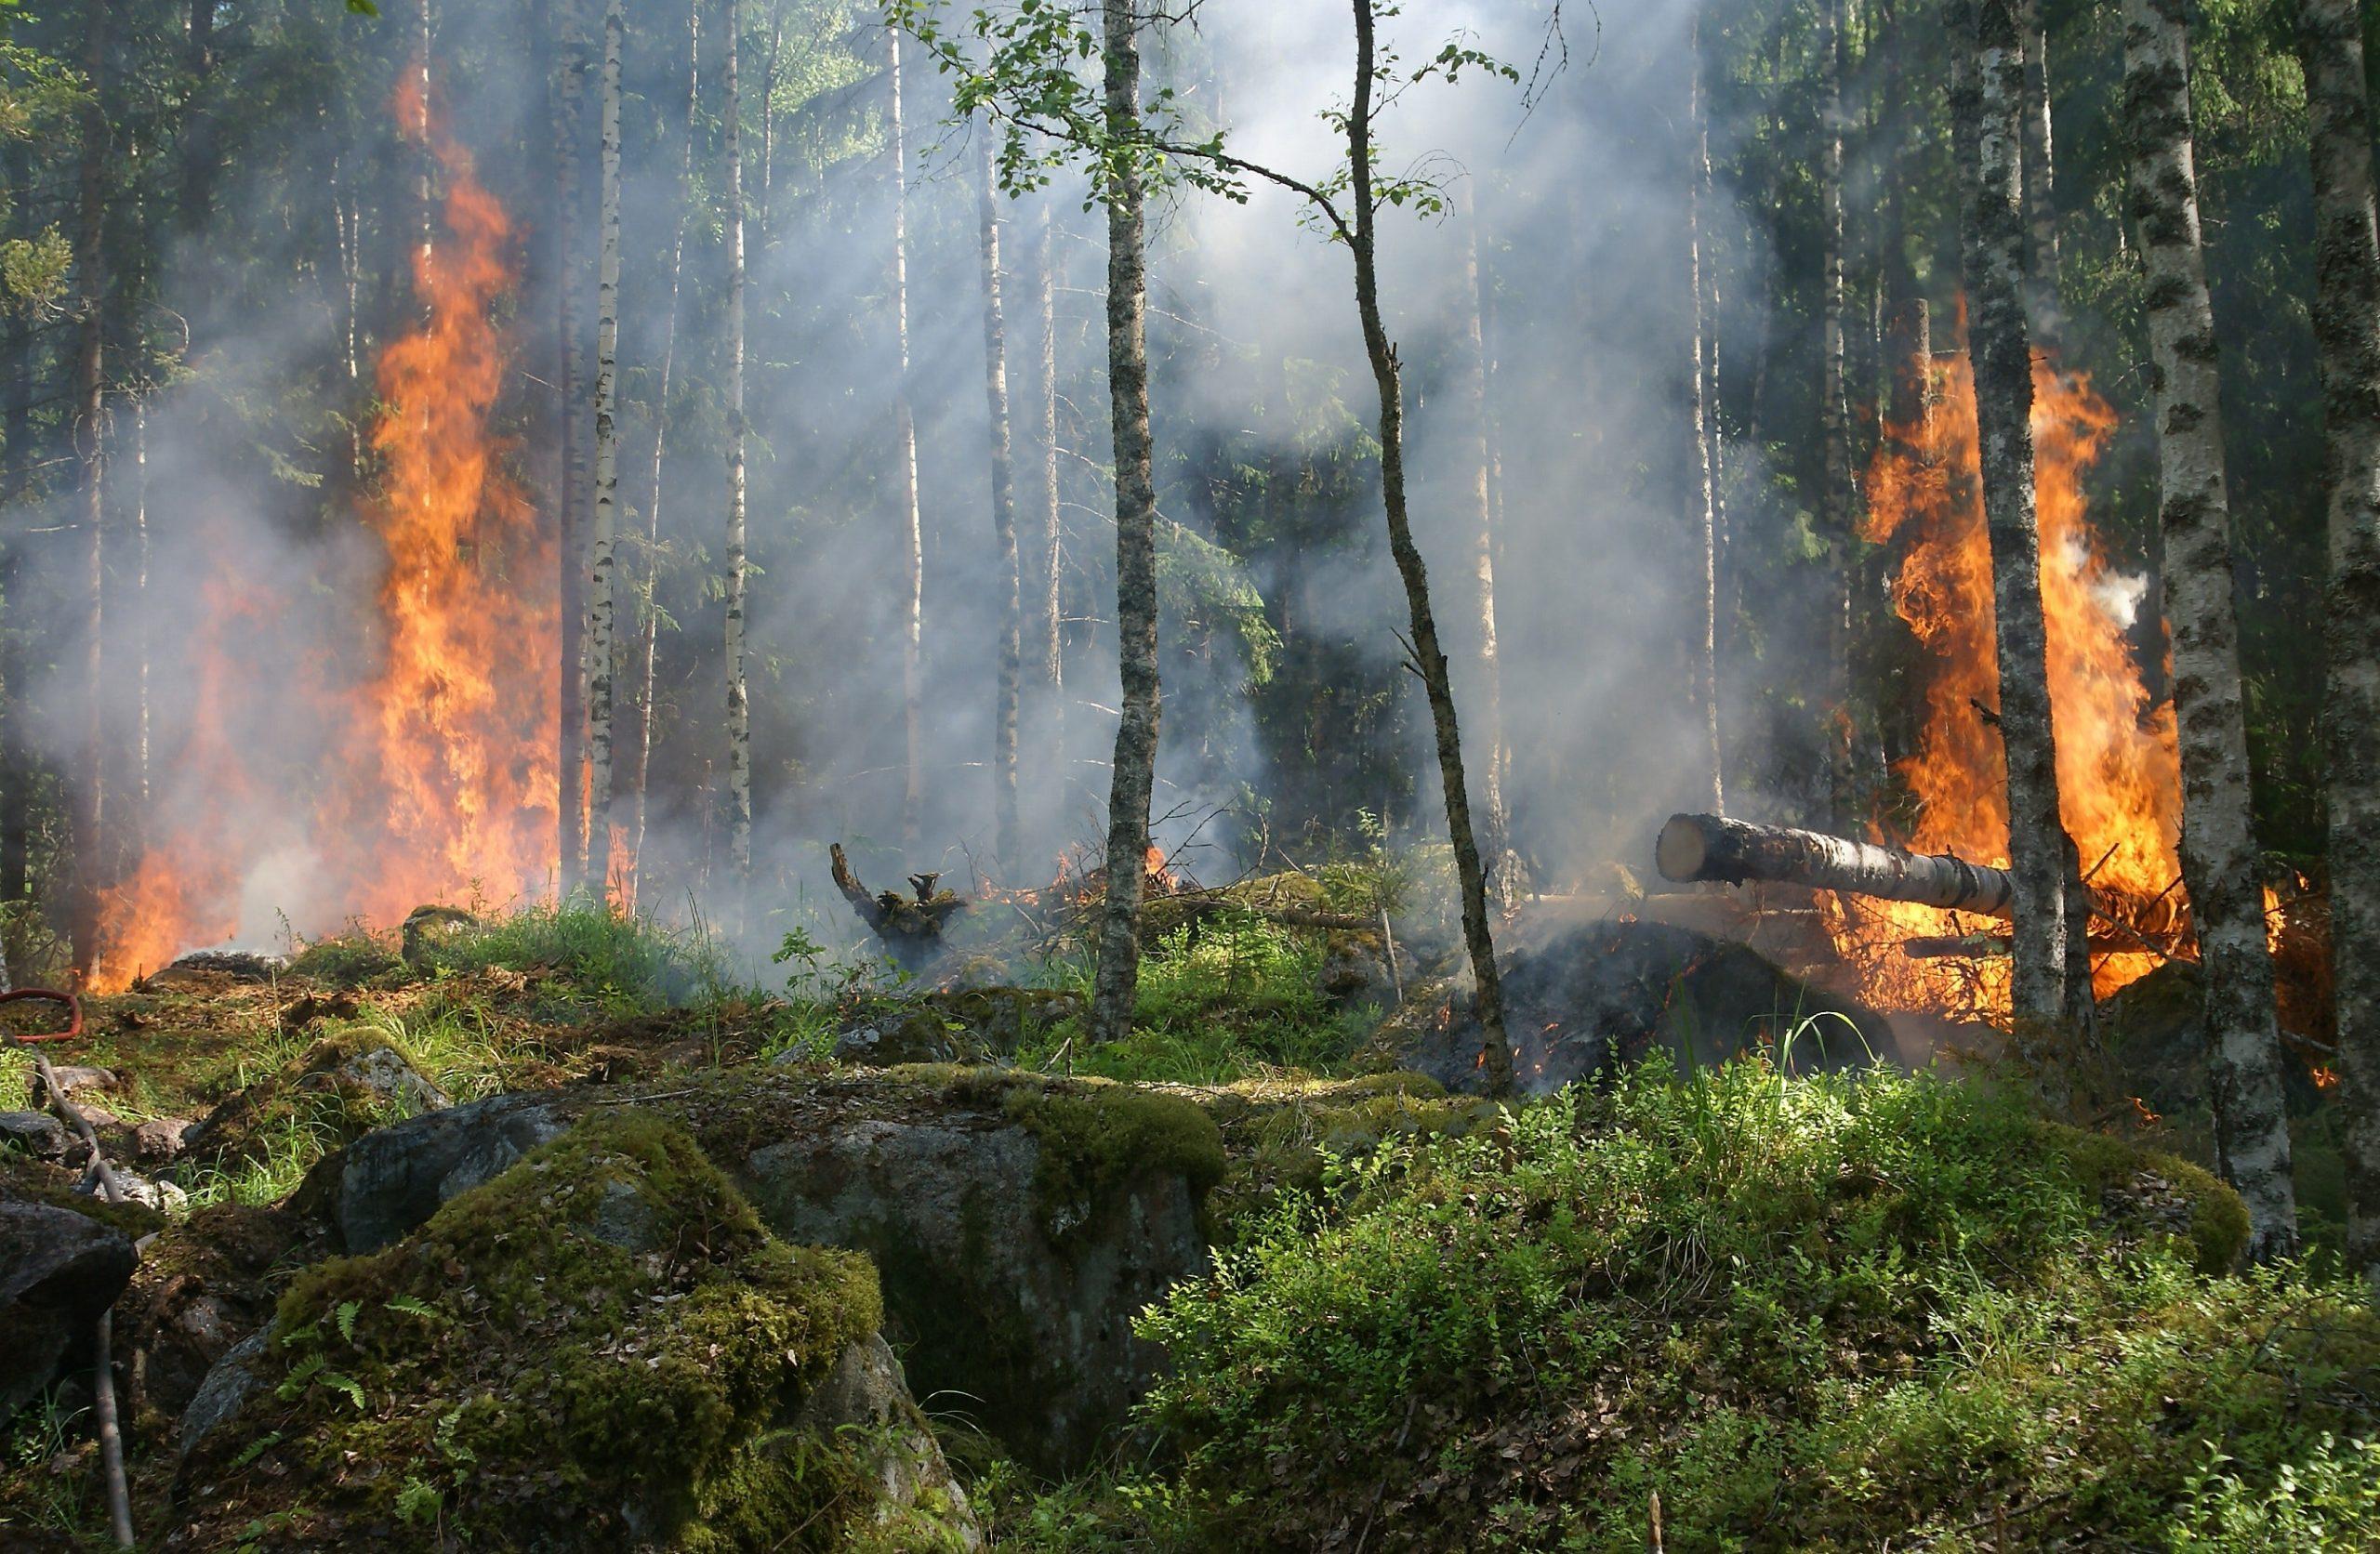 Un bosque ardiendo - Por un verano sin más incendios forestales - Drexmin